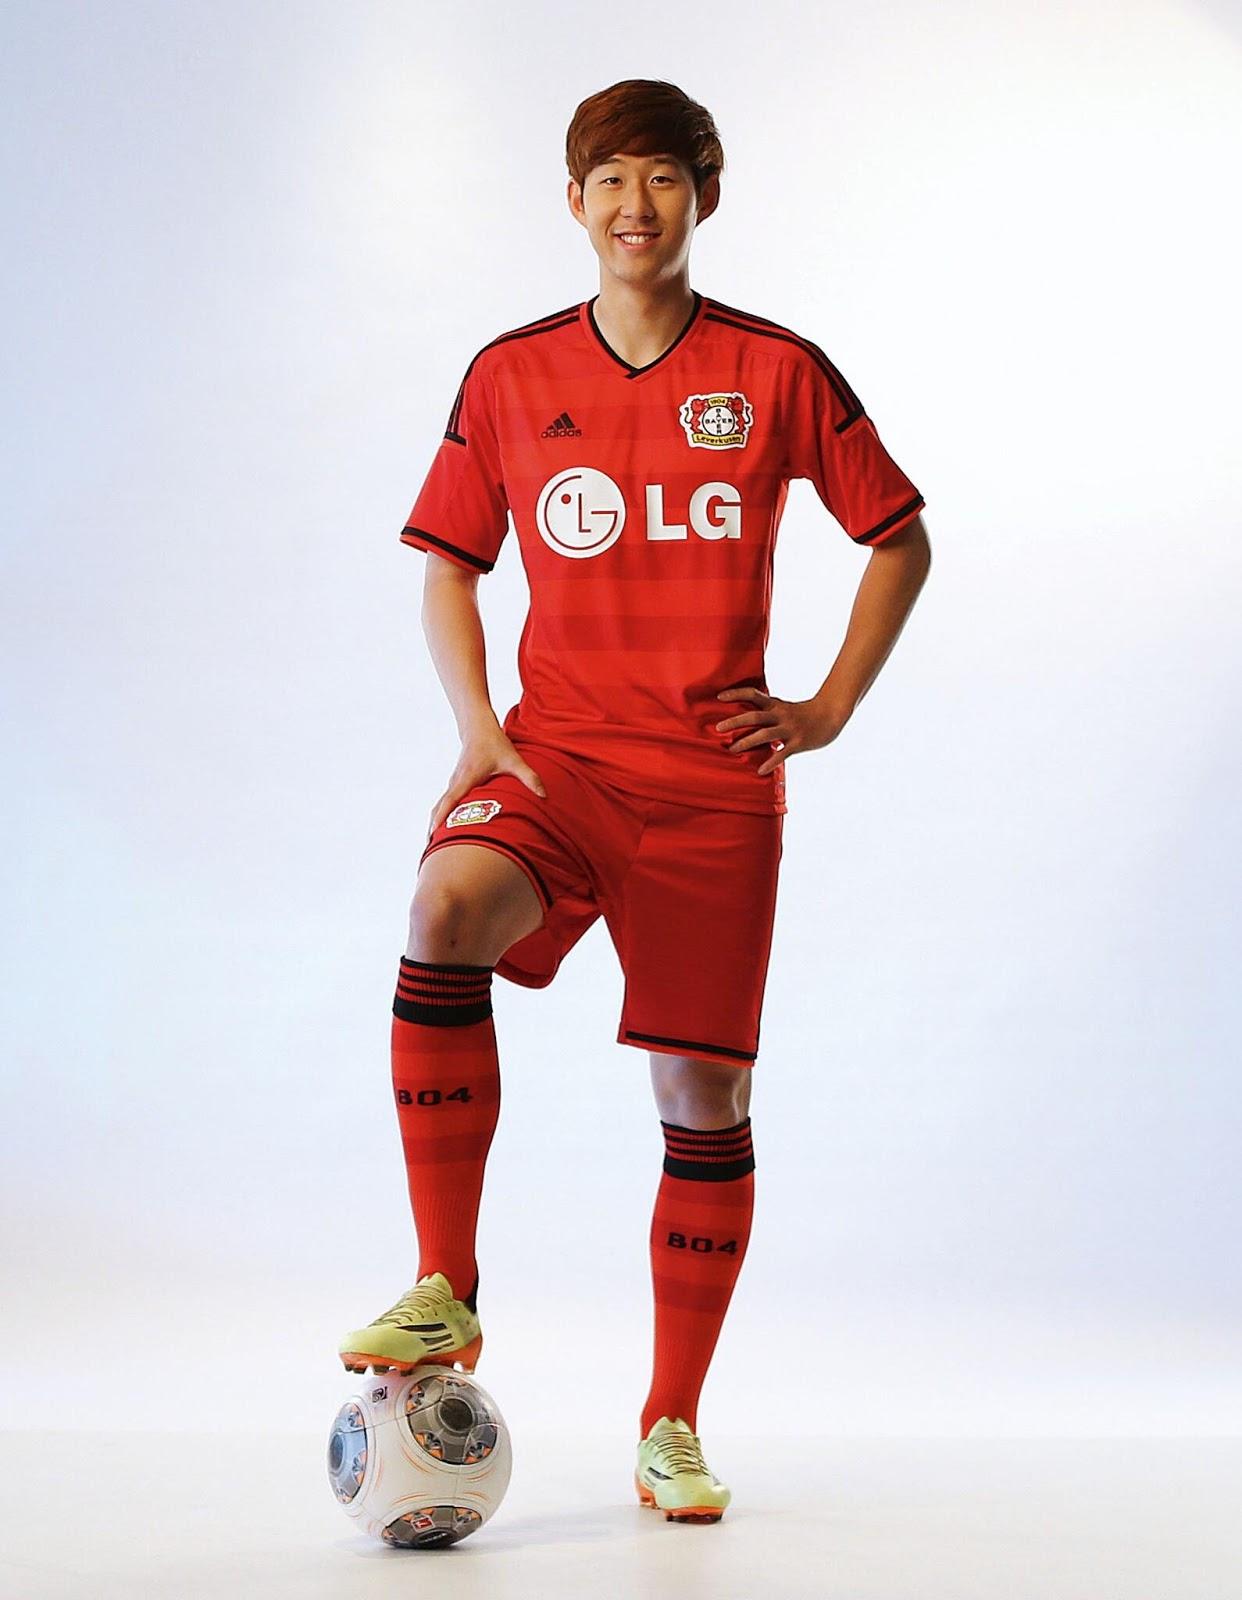 Bayer Leverkusen 14-15 Home Kit Released